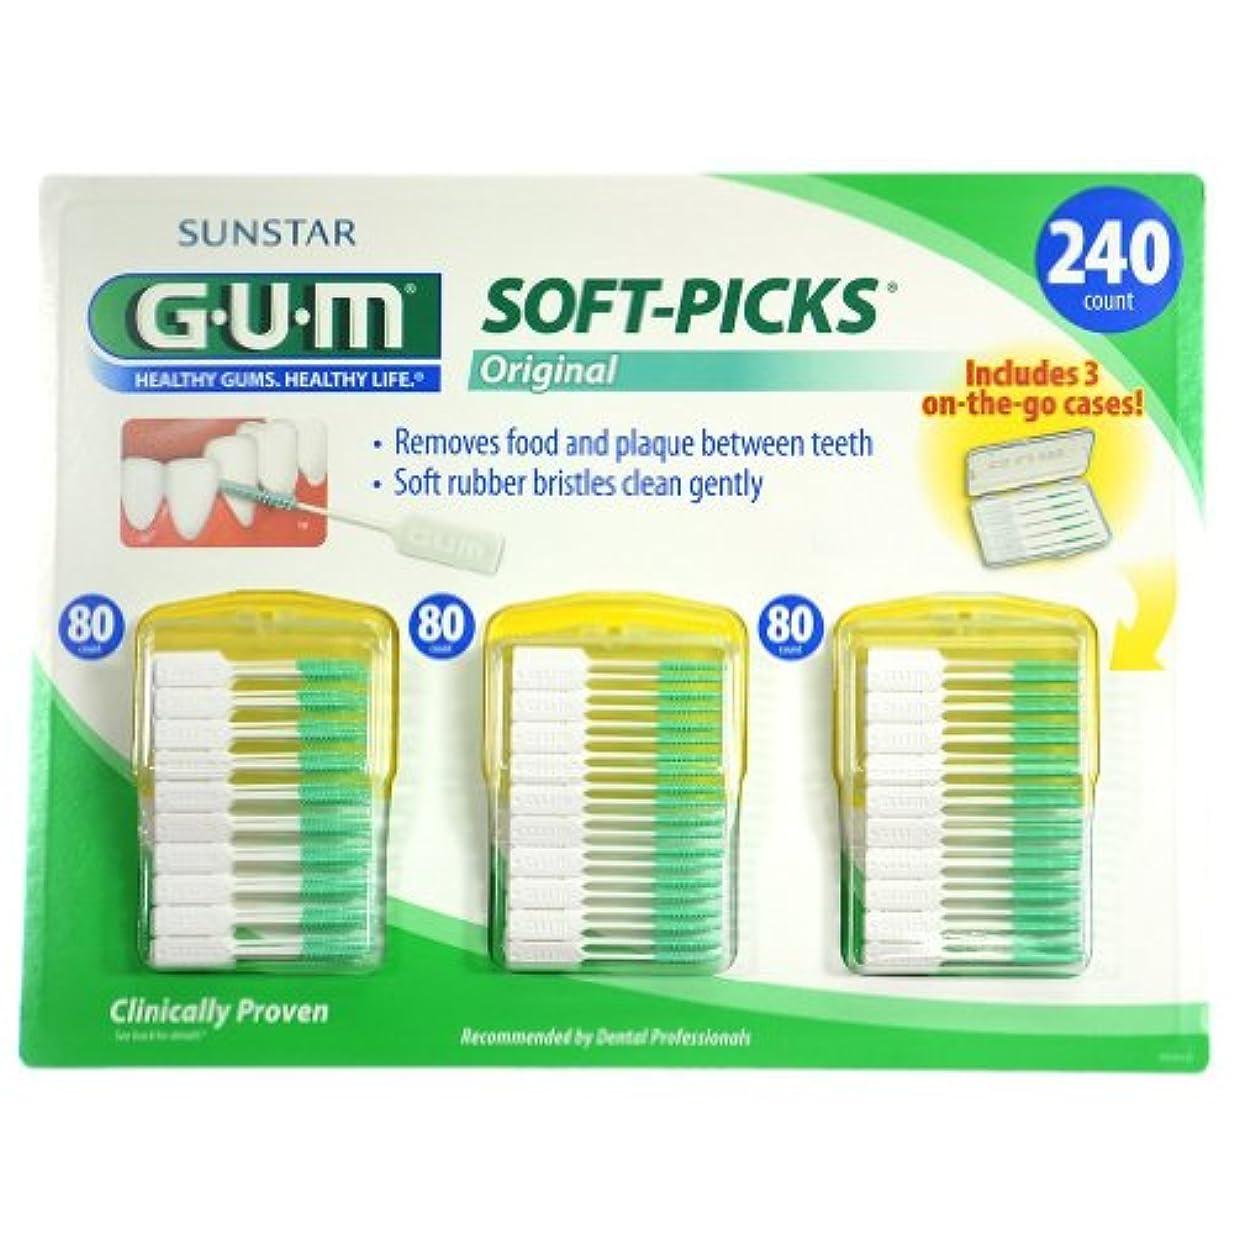 編集するバック期限GUM やわらか歯間ブラシ*GUM SOFT-PICKS 240本+携帯用ケース3個【平行輸入品】